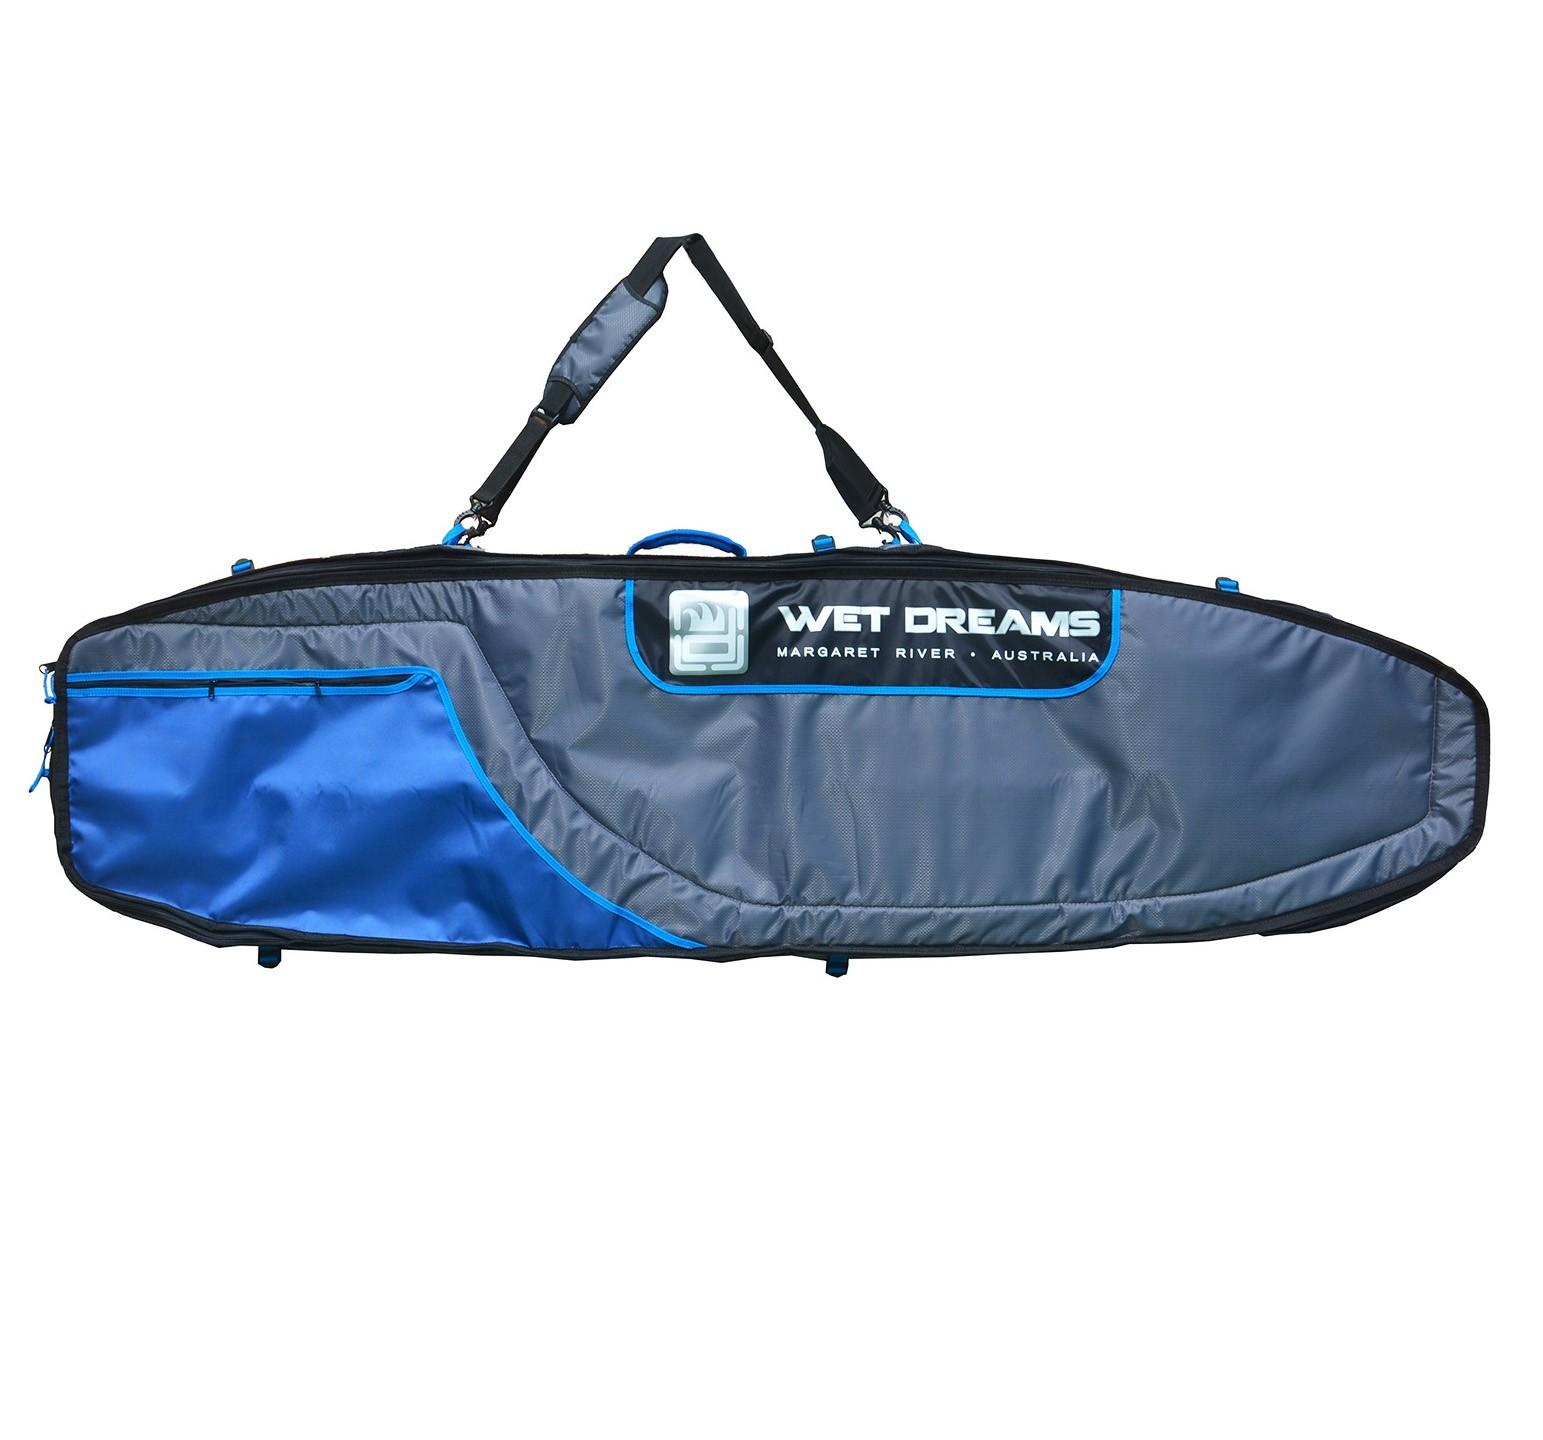 Sarcófago com rodinhas para 4 pranchas de Surf até 7'0'' - 2,13m - Wet Dreams | Prancharia